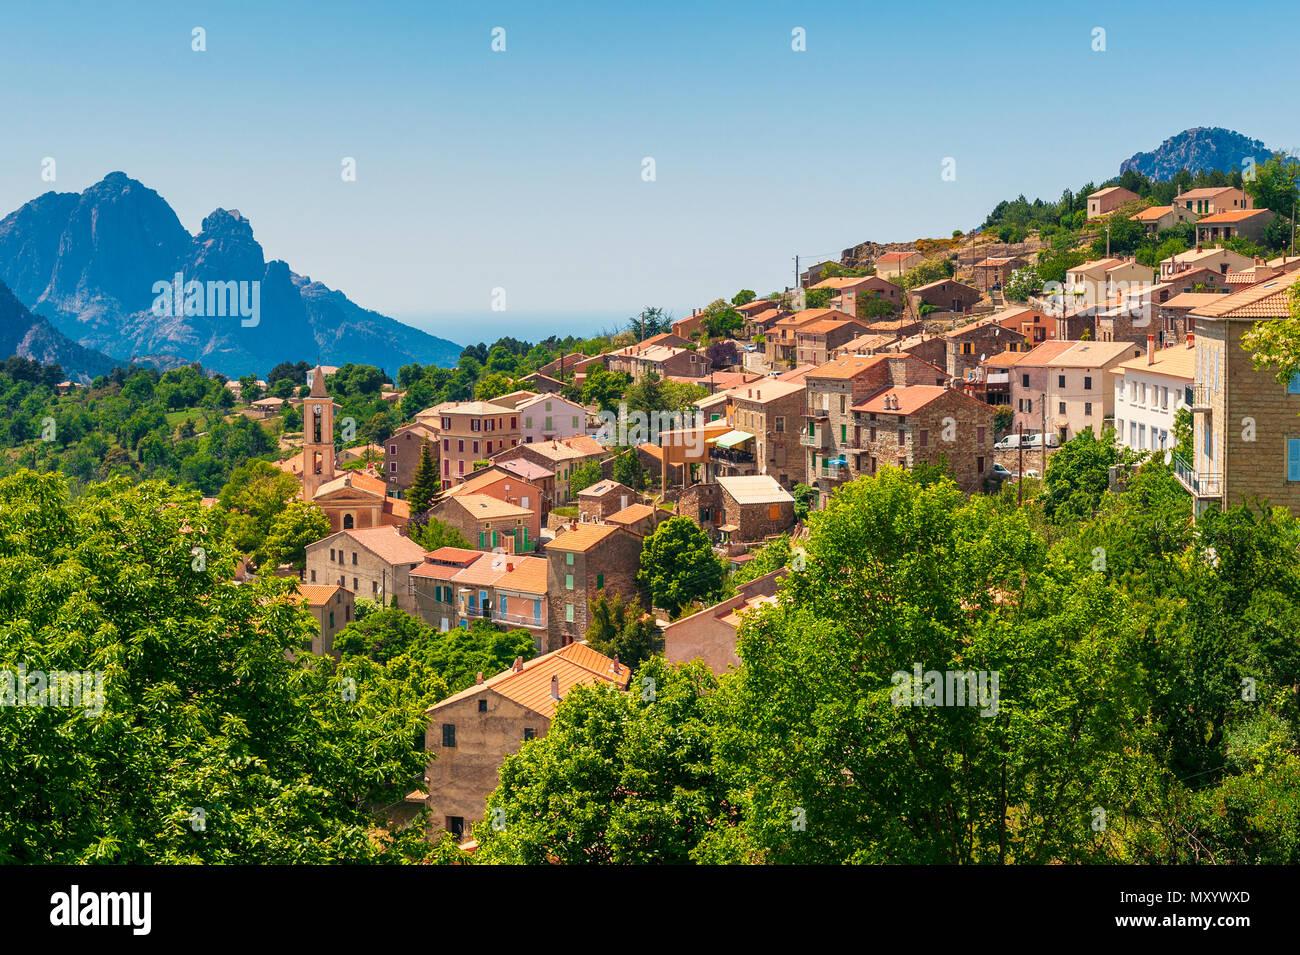 Villaggio di montagna di Evisa, Corsica, Francia Immagini Stock